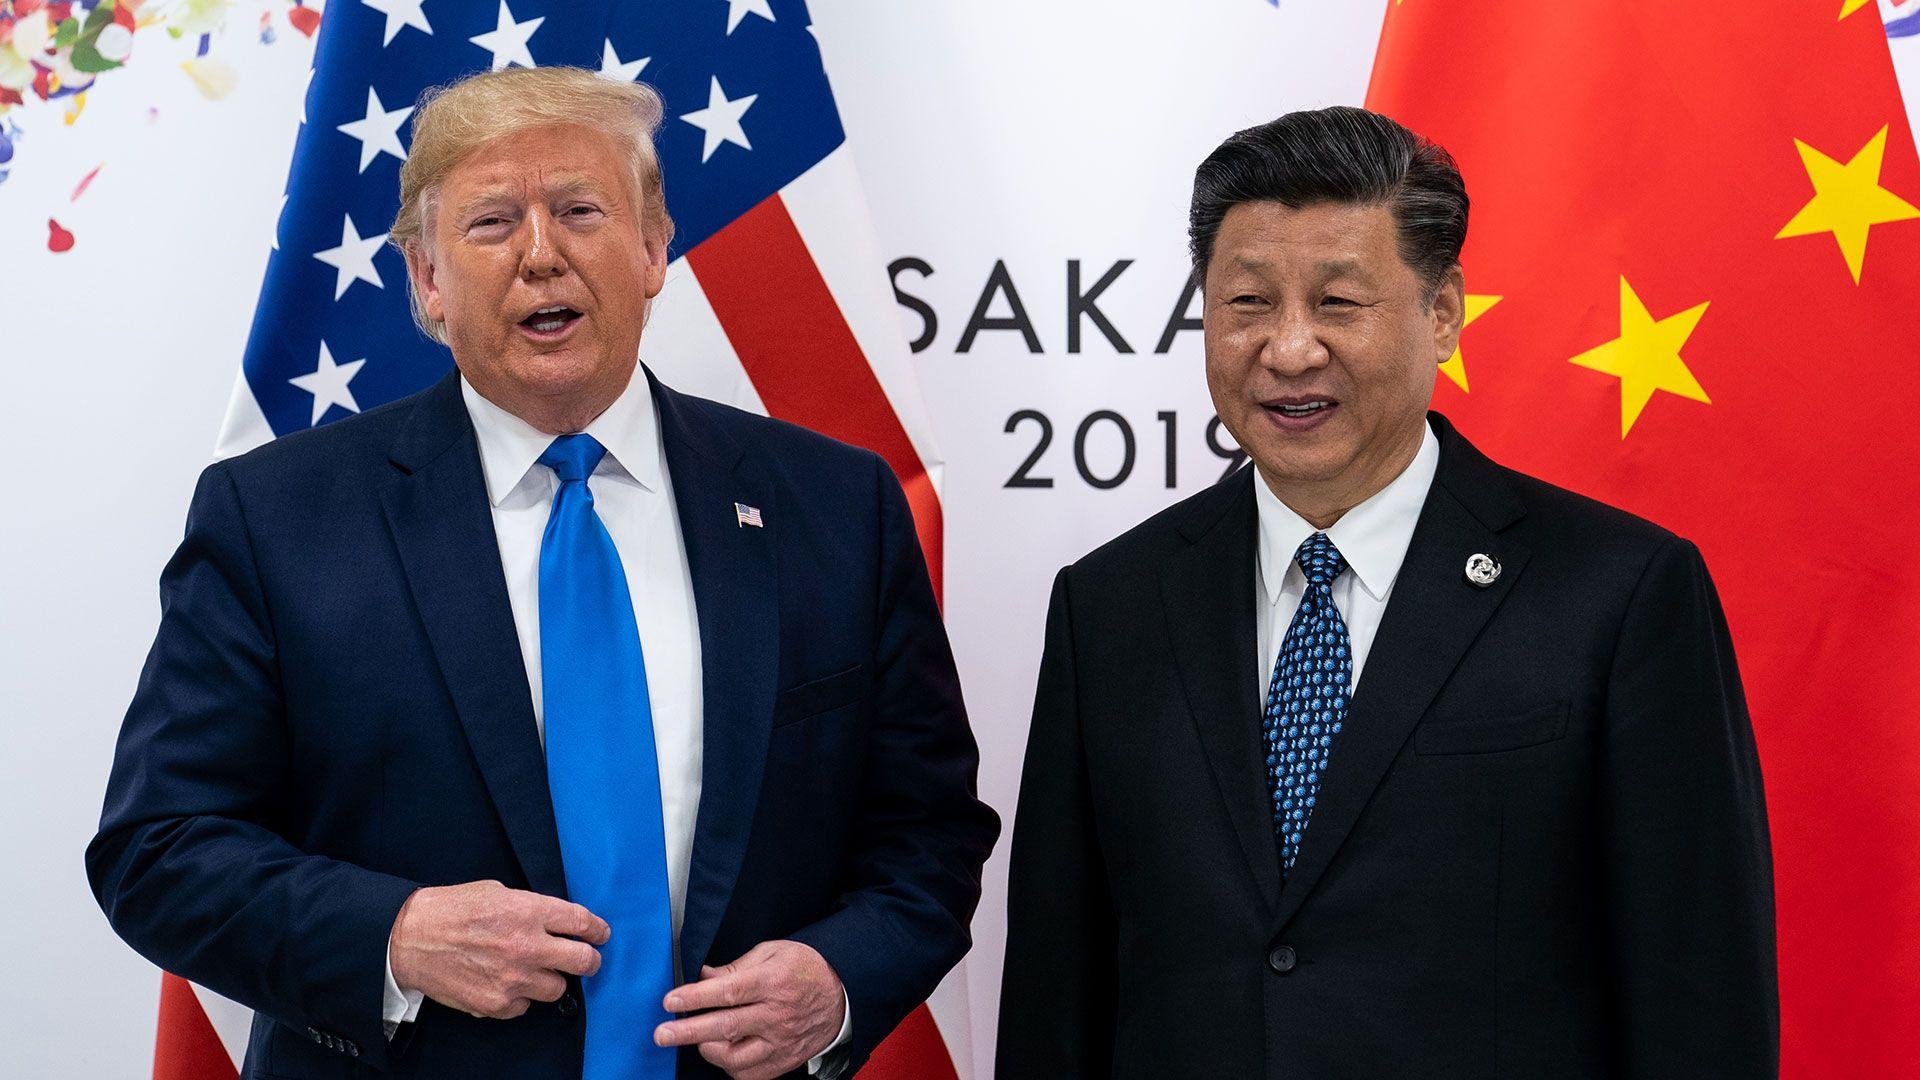 Donald Trump junto al presidente chino Xi Jinping durante su encuentro en la cumbre del G20 en Osaka (Erin Schaff/The New York Times)